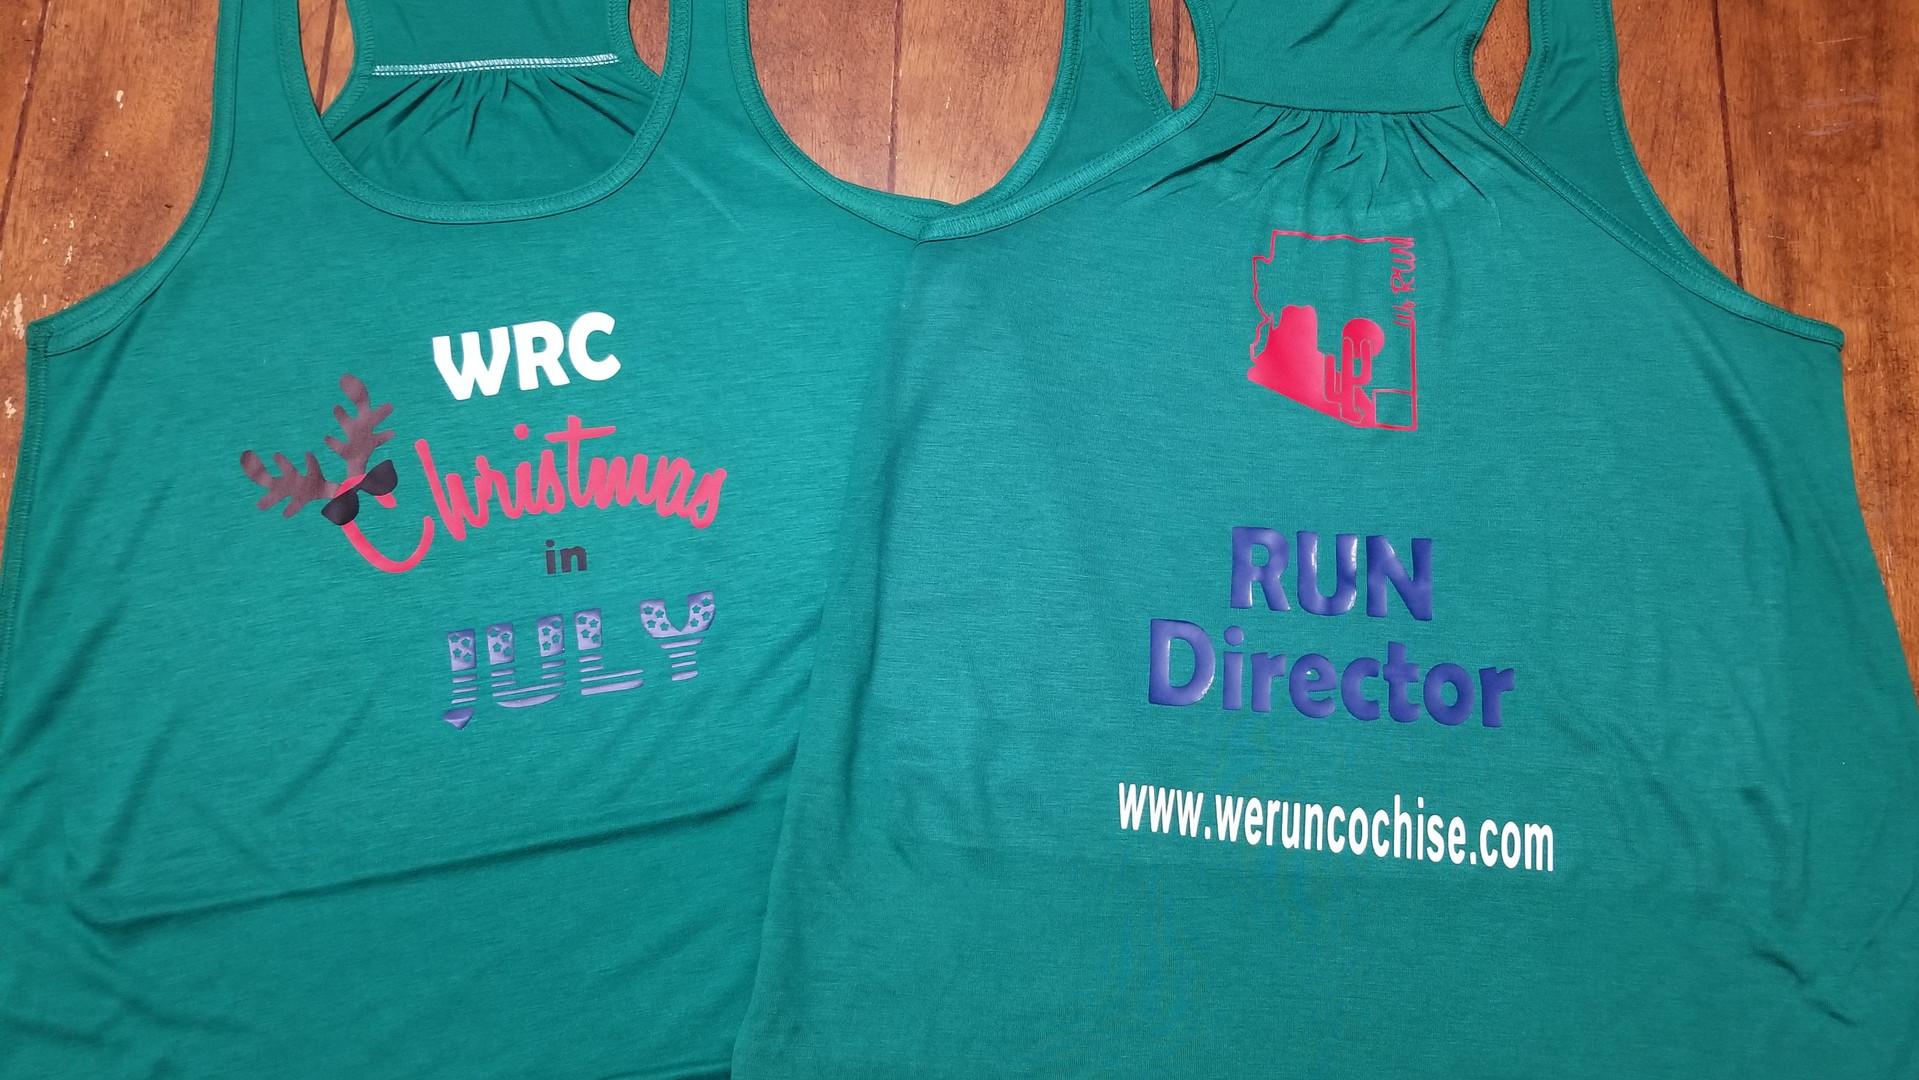 RUN Director Shirts